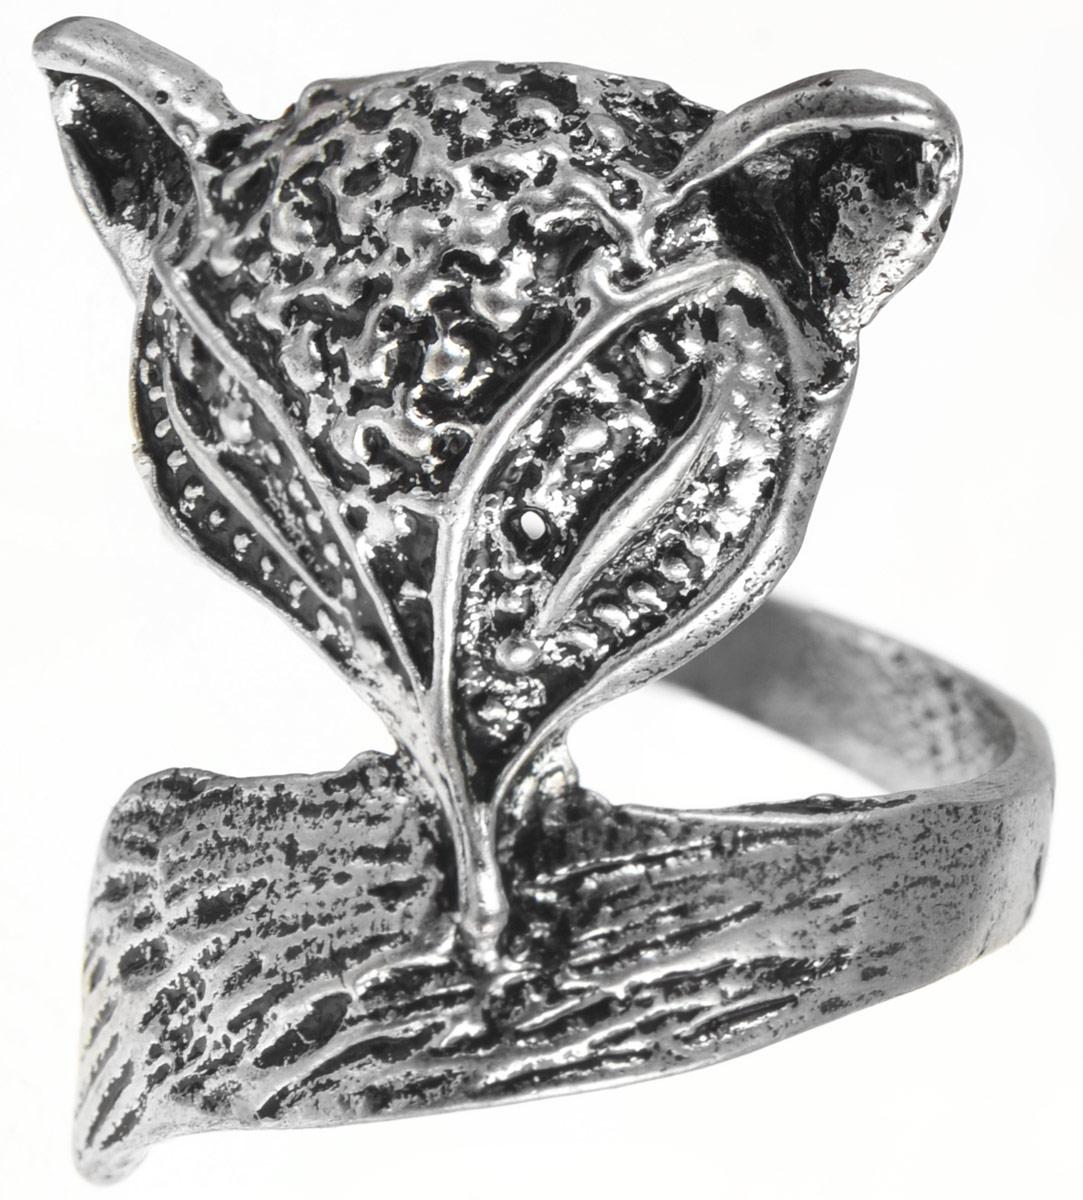 Кольцо YusliQ. Ручная авторская работа. 26-003Коктейльное кольцоСтильное кольцо YusliQ выполнено из металла и оформлено в виде головы и хвоста лисы. Такое кольцо это блестящее завершение вашего неповторимого и смелого образа и отличный подарок для ценительницы необычных украшений!